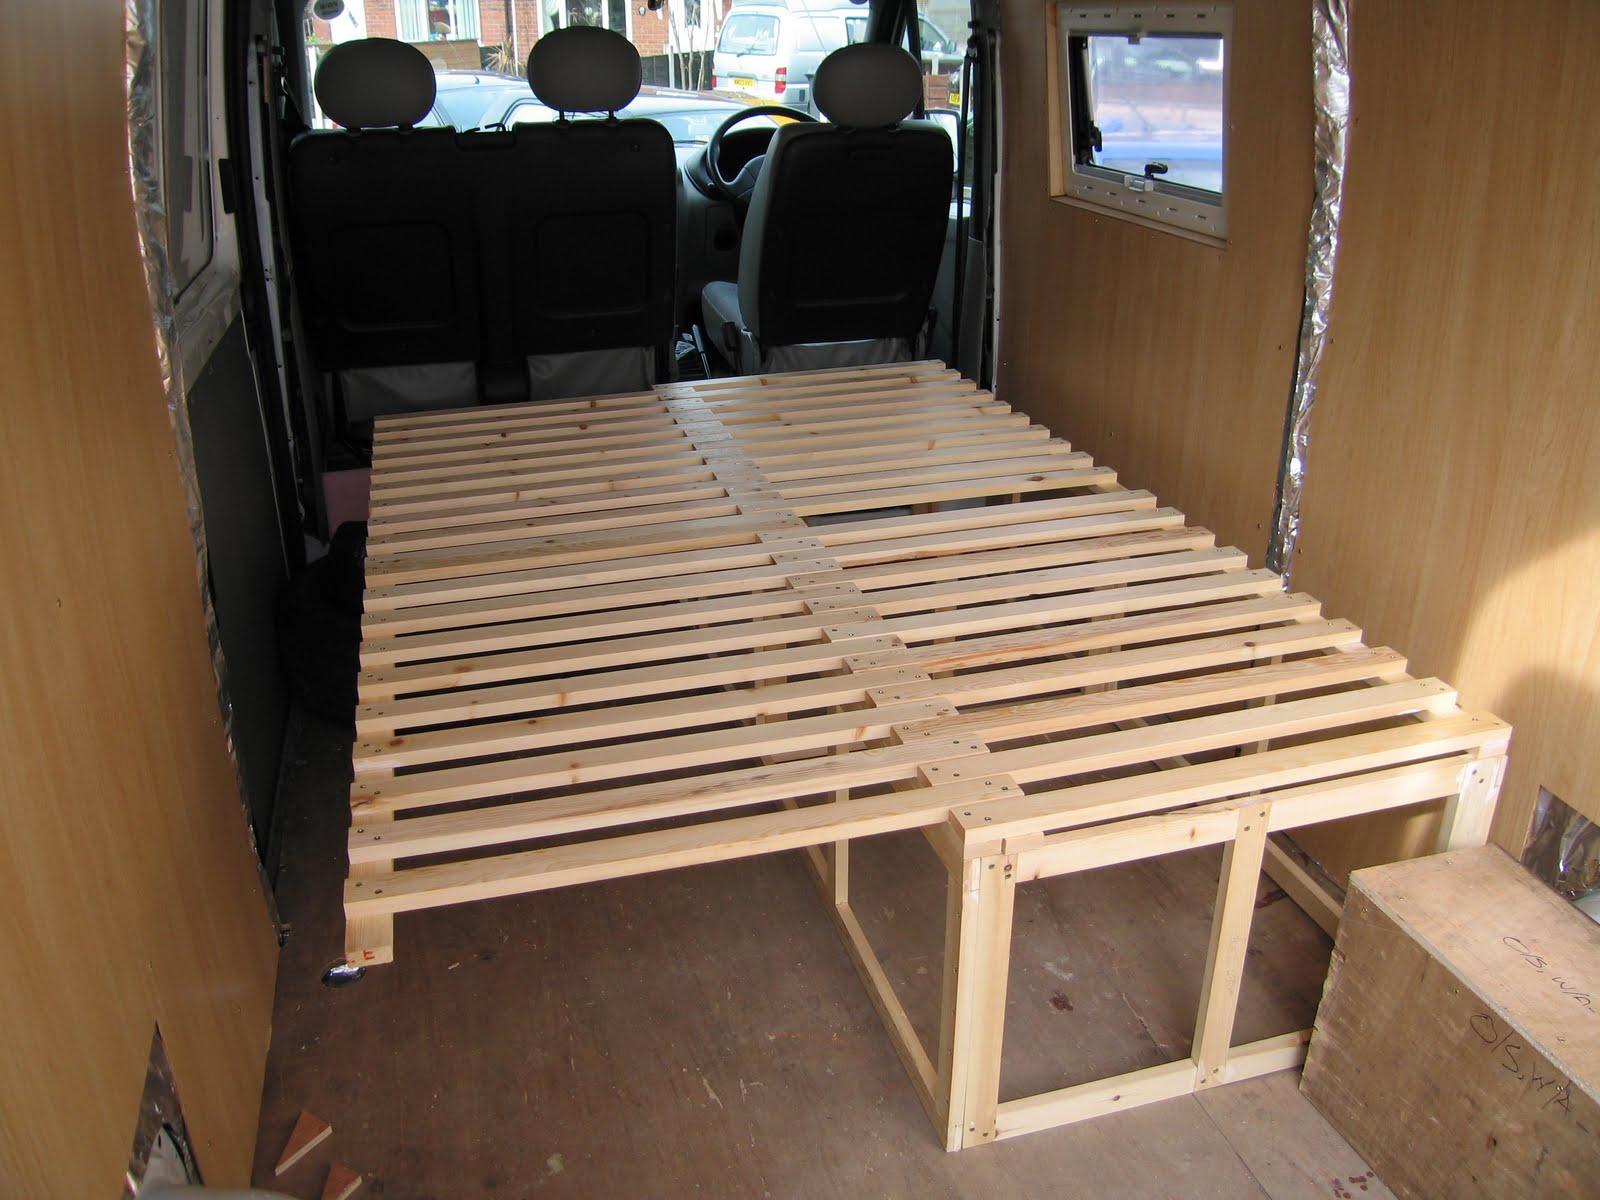 Van Sofa Bed Van Seats And Beds El Kapitan Thesofa